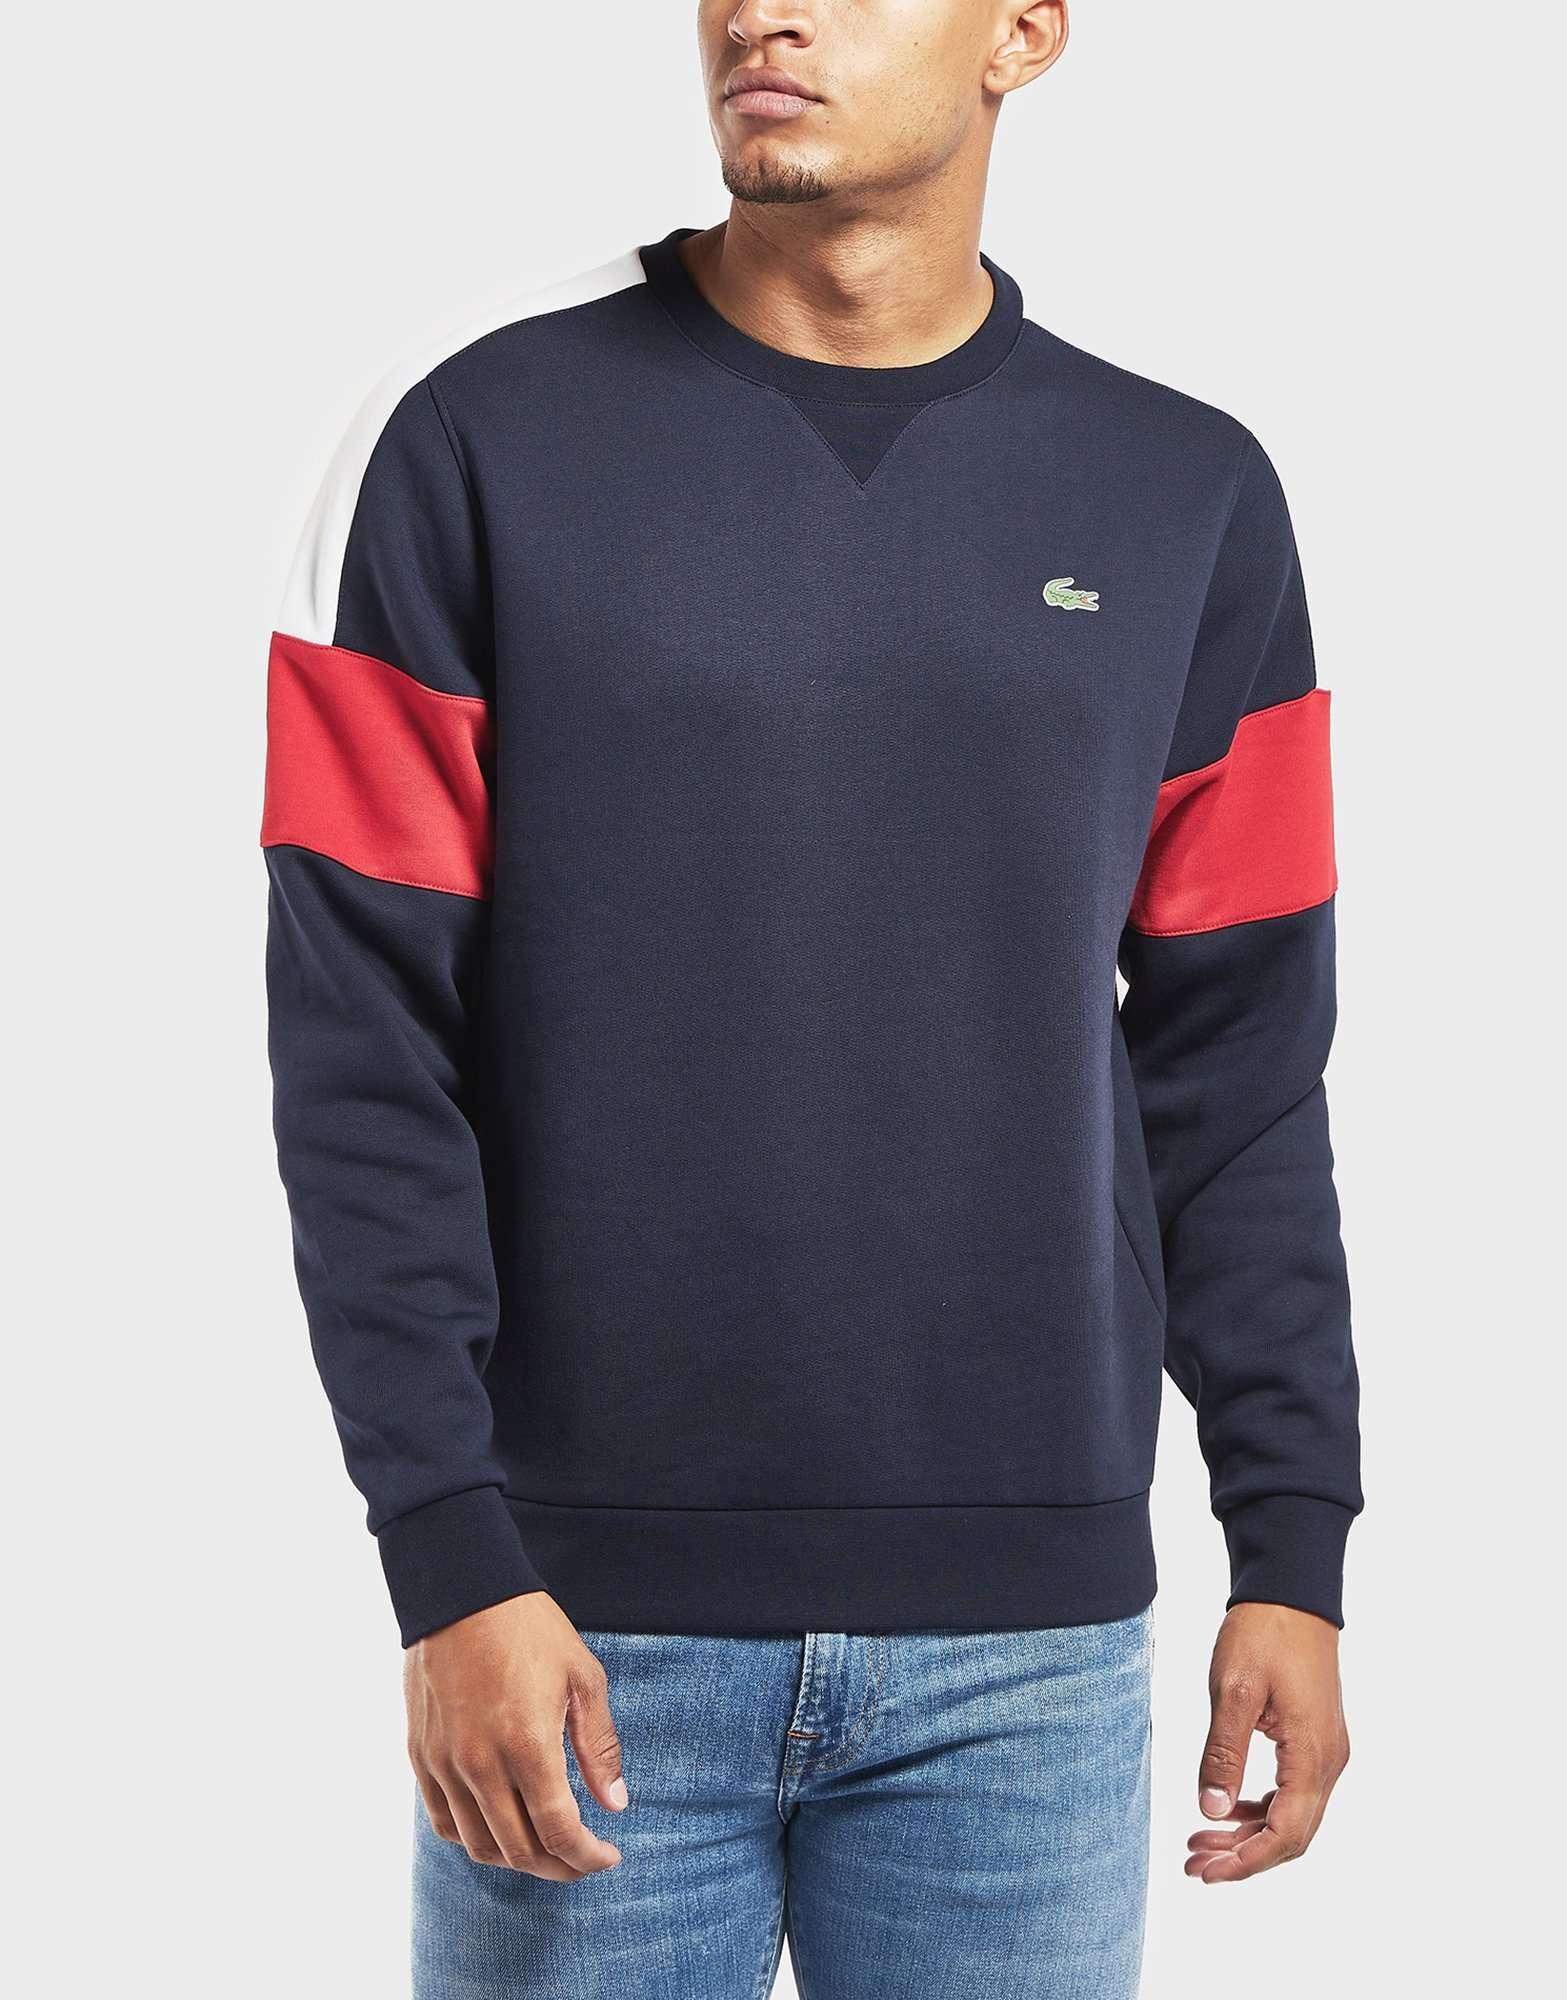 Lacoste Sleeve Menswear Sport Panel SweatshirtScotts A4R5jL